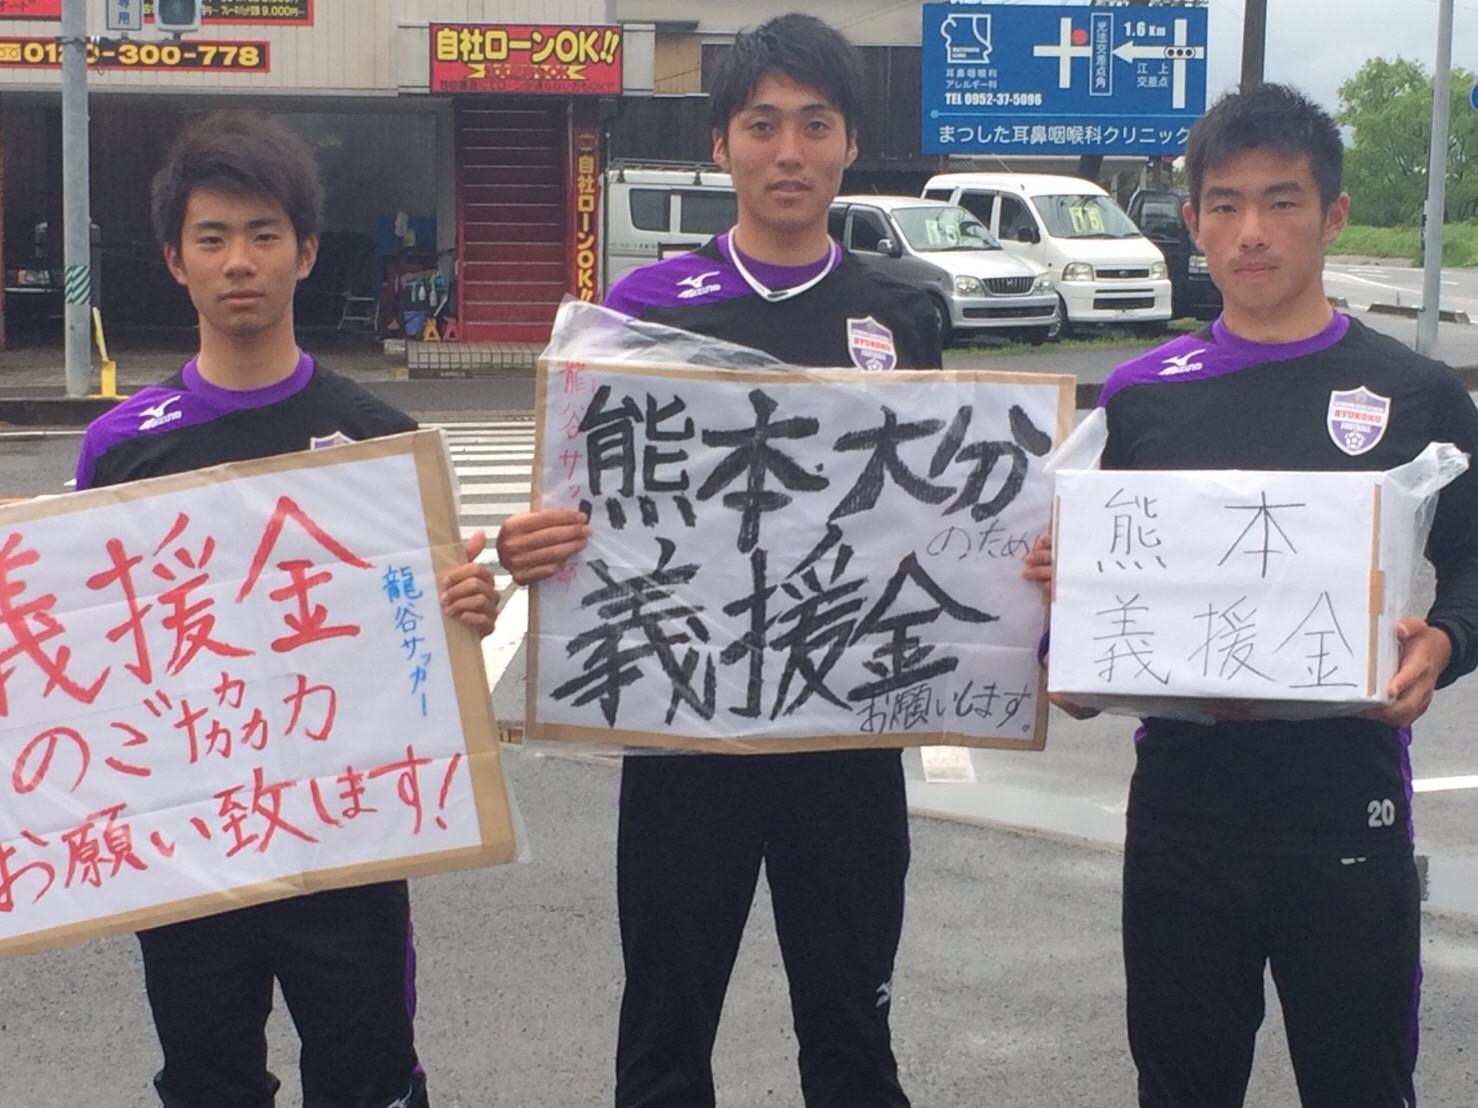 熊本震災支援活動53